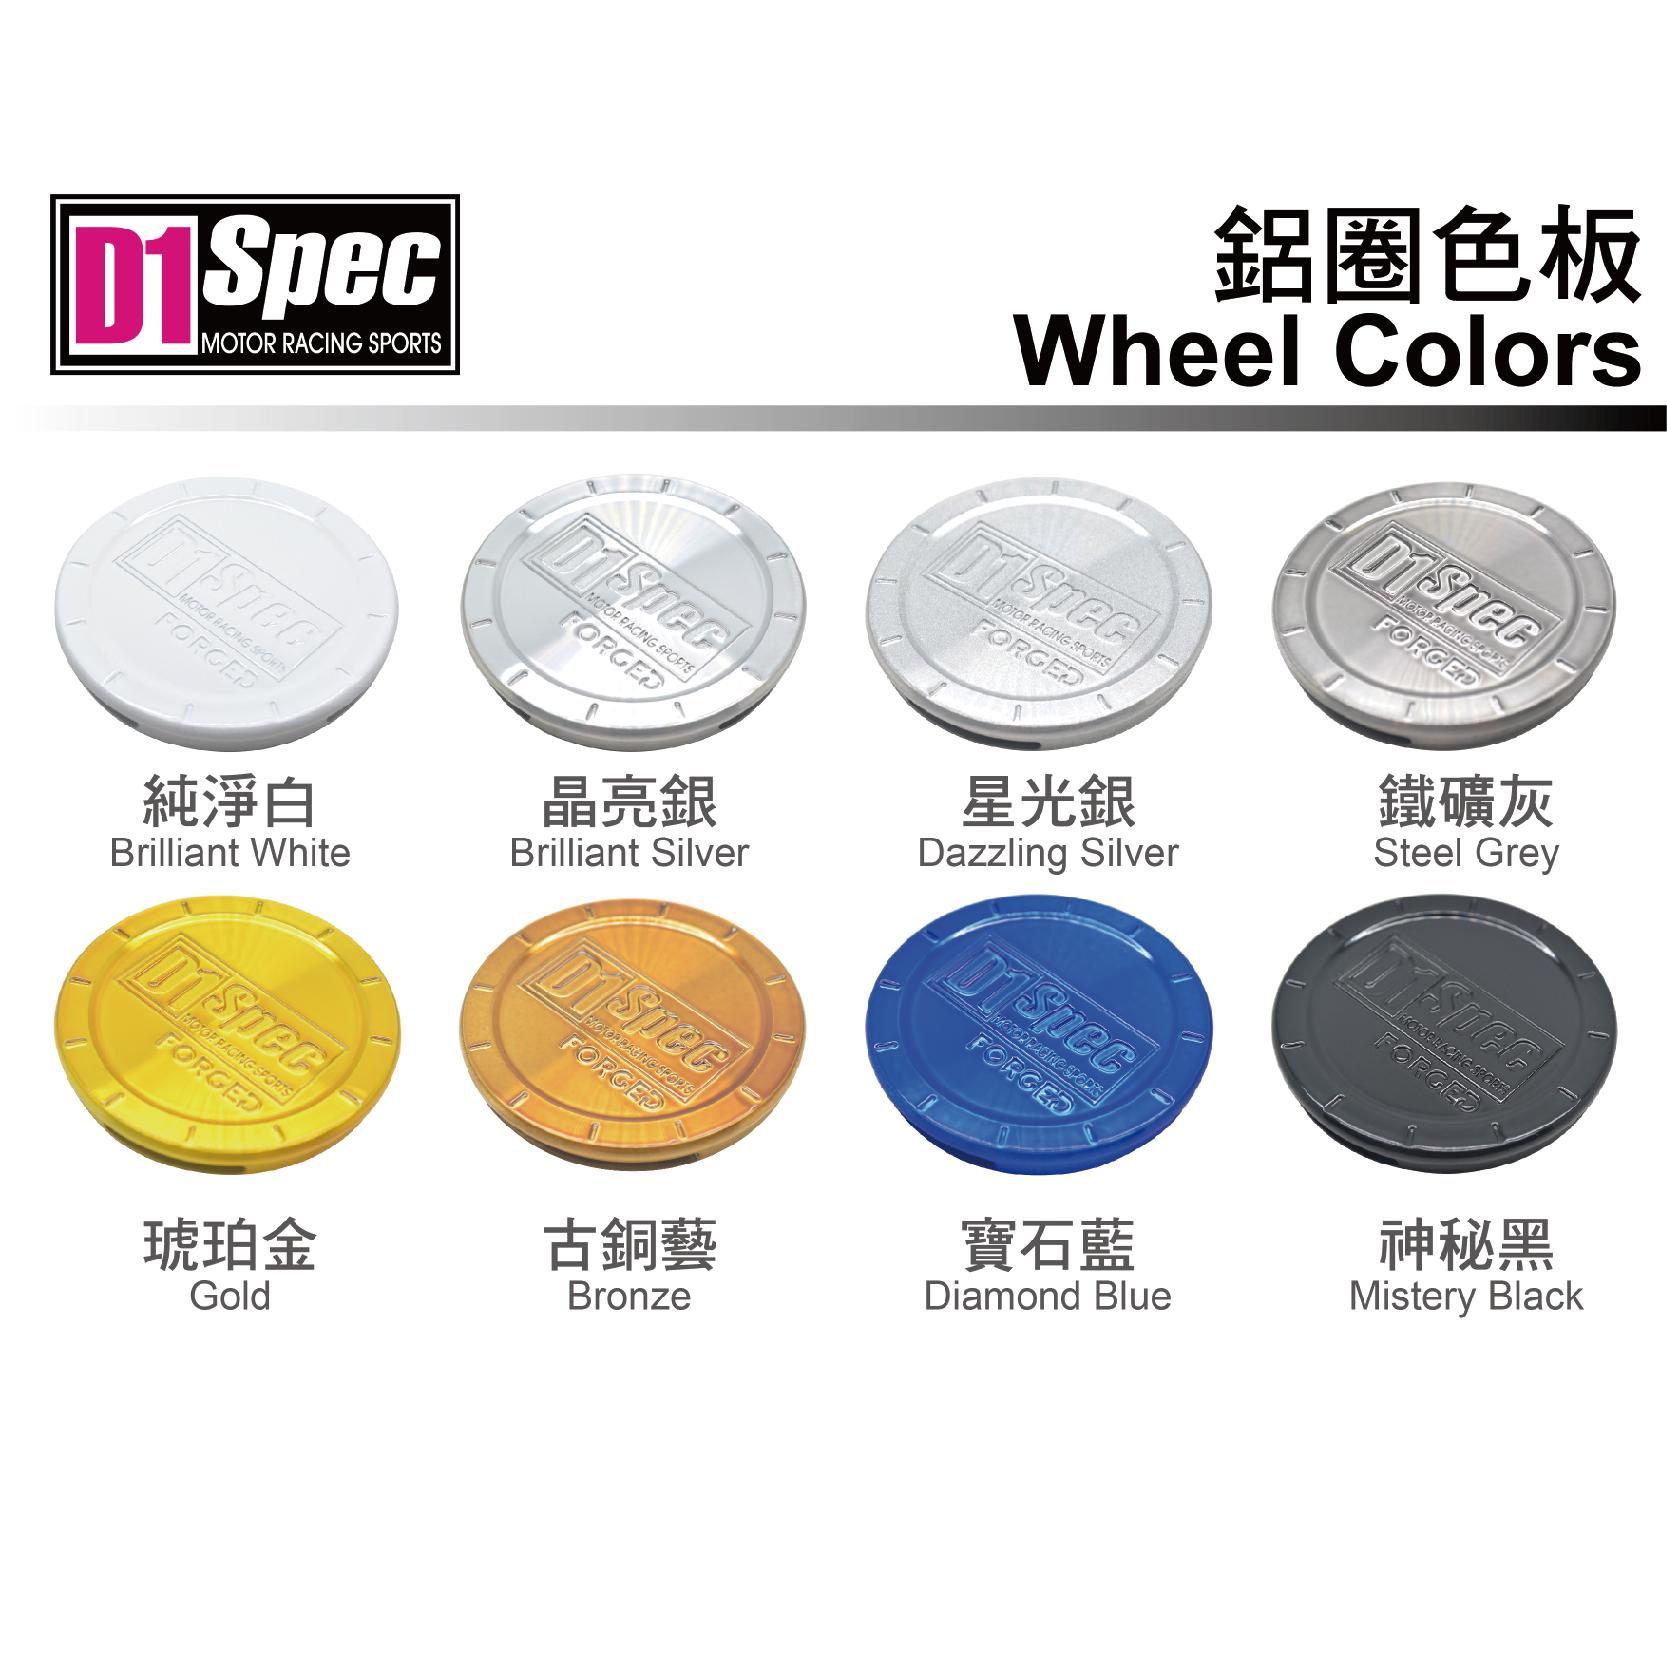 鍛造鋁圈-D1A18002